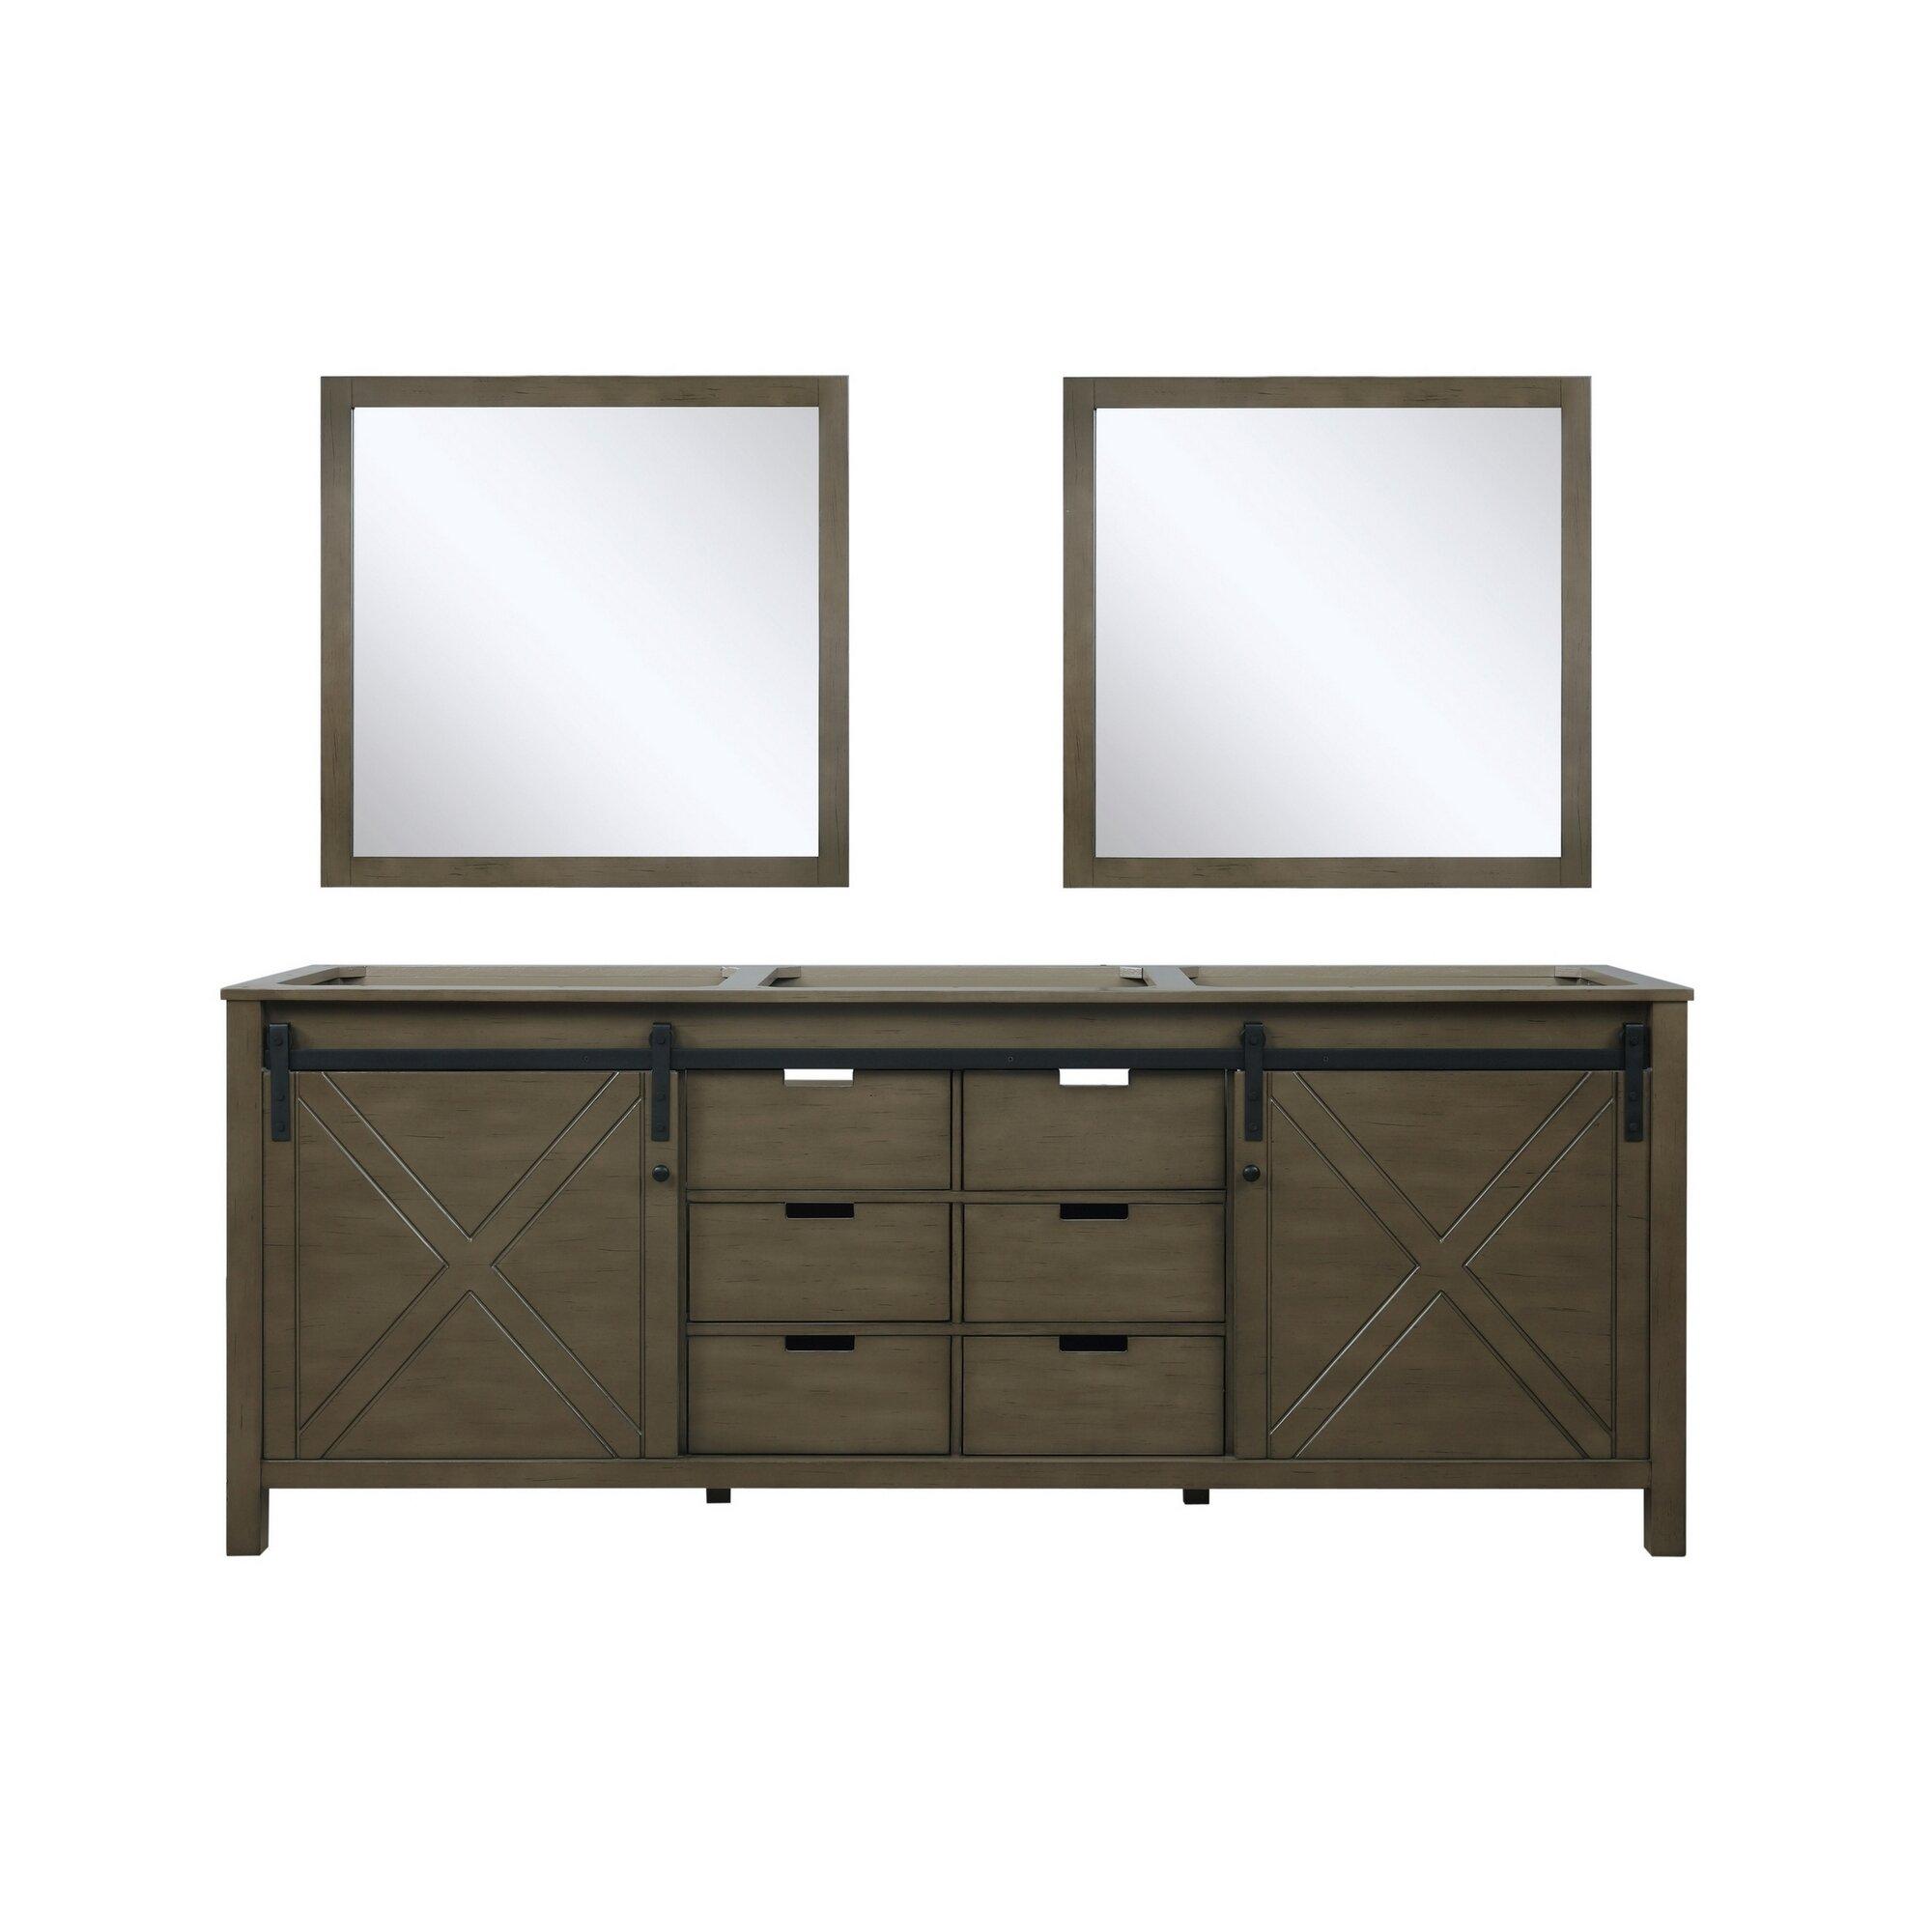 Gracie Oaks Schmidt 84 Double Bathroom Vanity Base Only With Mirror Wayfair